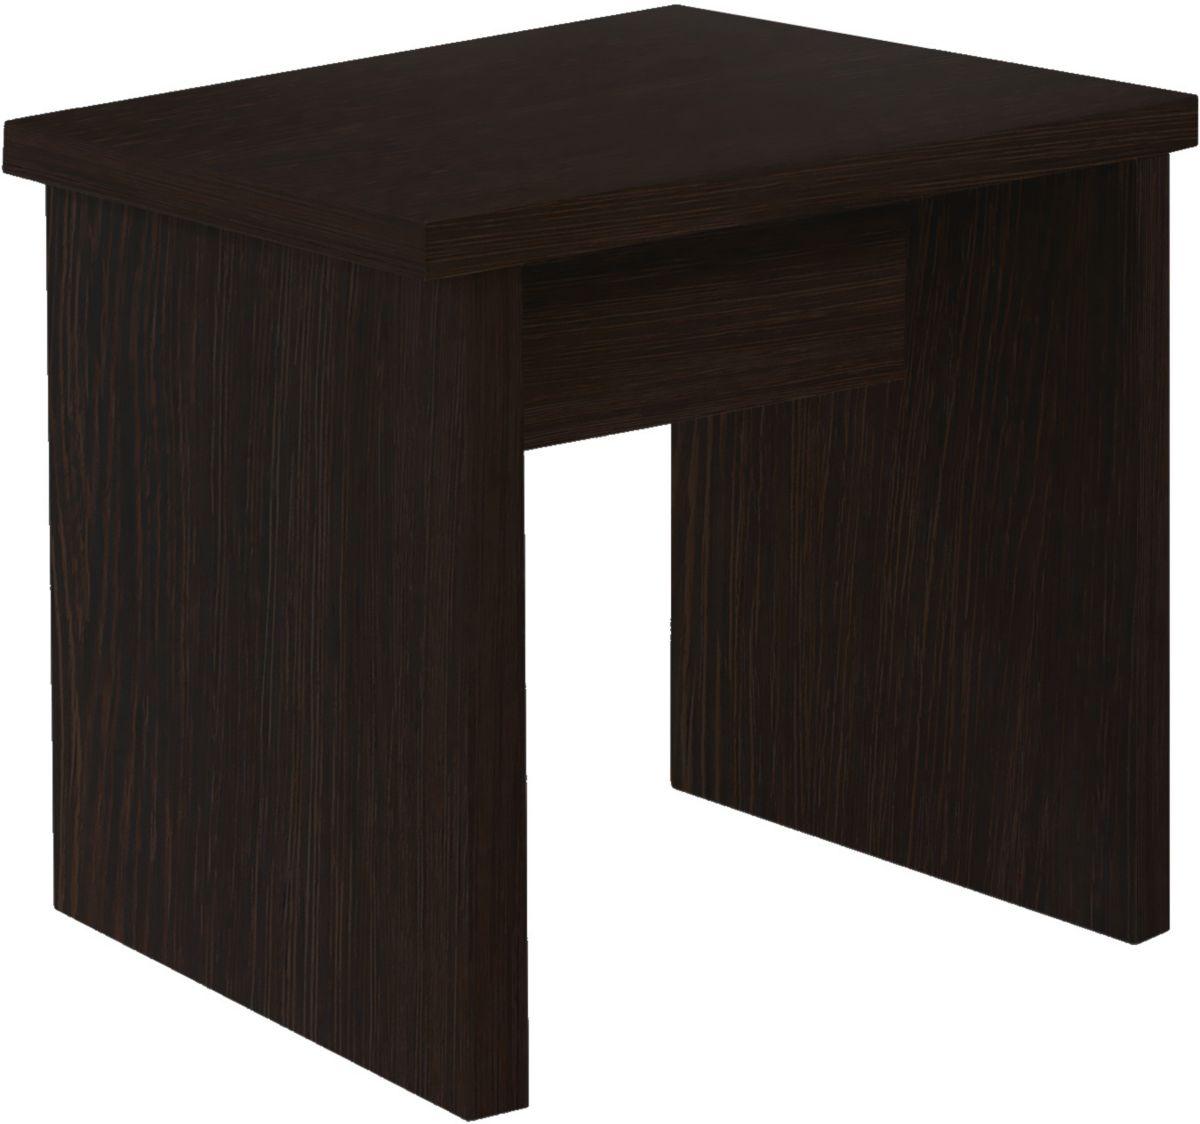 sitzhocker soft billig kaufen. Black Bedroom Furniture Sets. Home Design Ideas